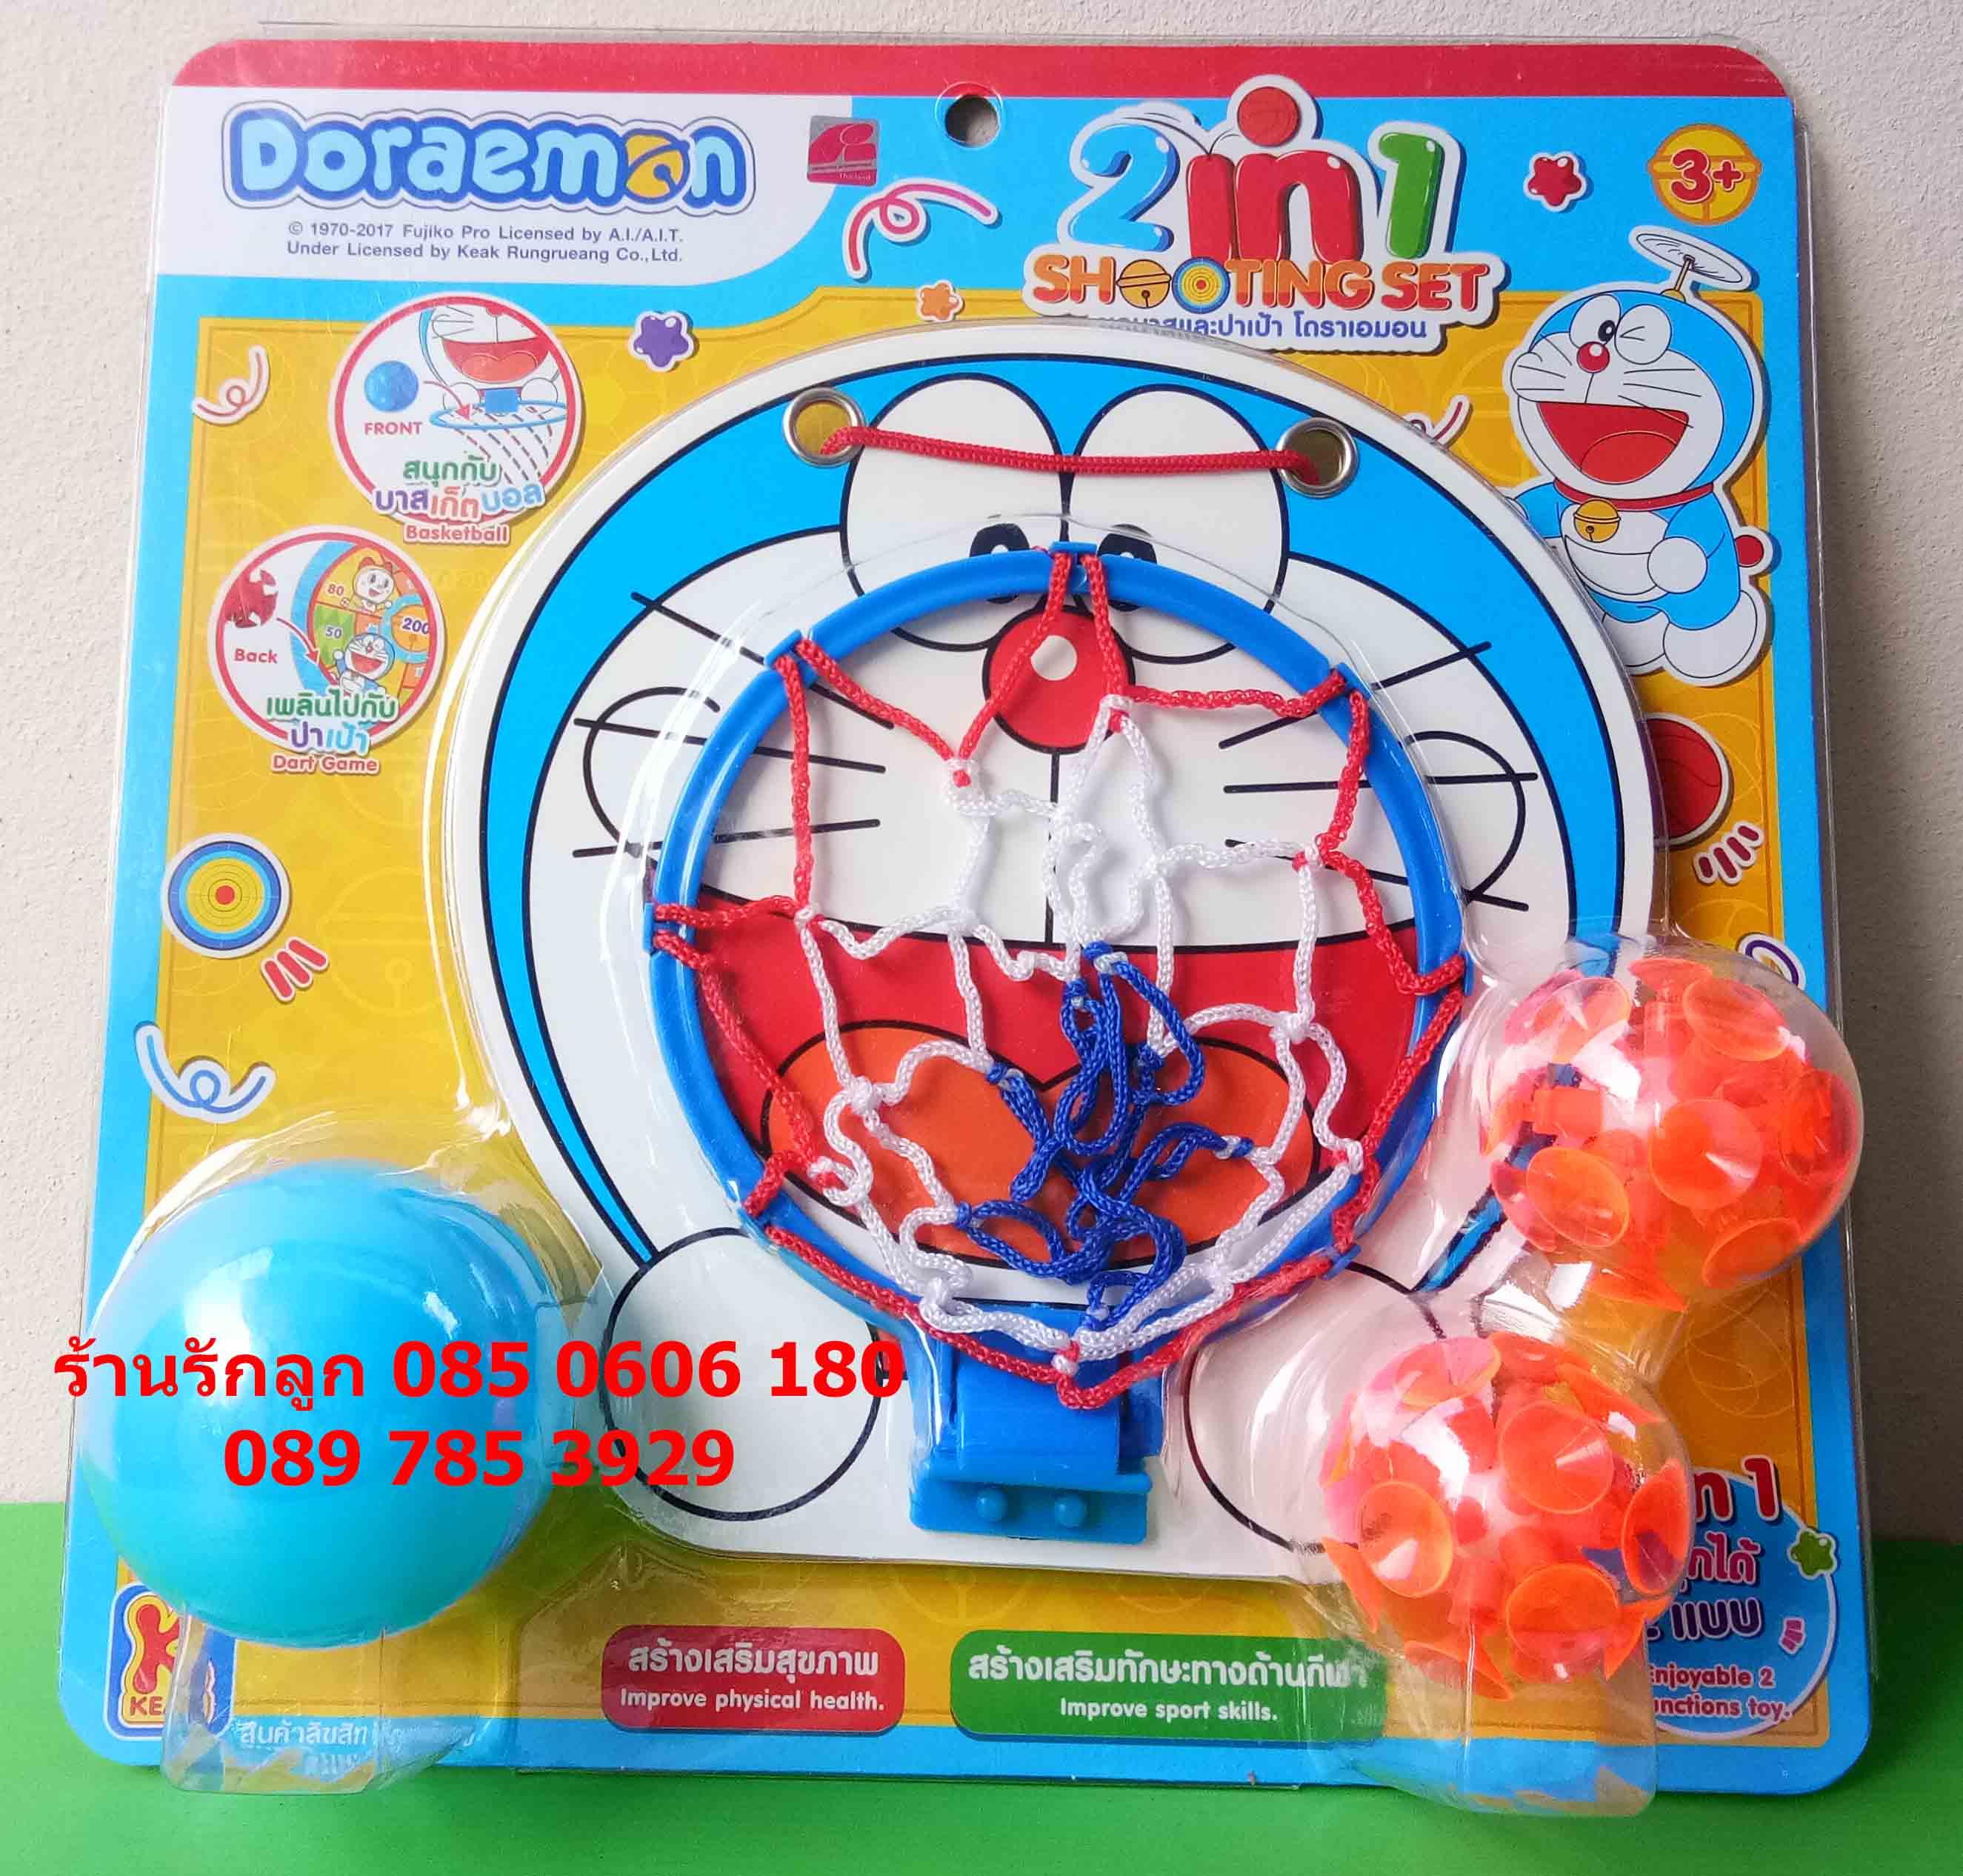 ชุดบาสและปาเป้าของเด็กเล่น โดราเอมอน